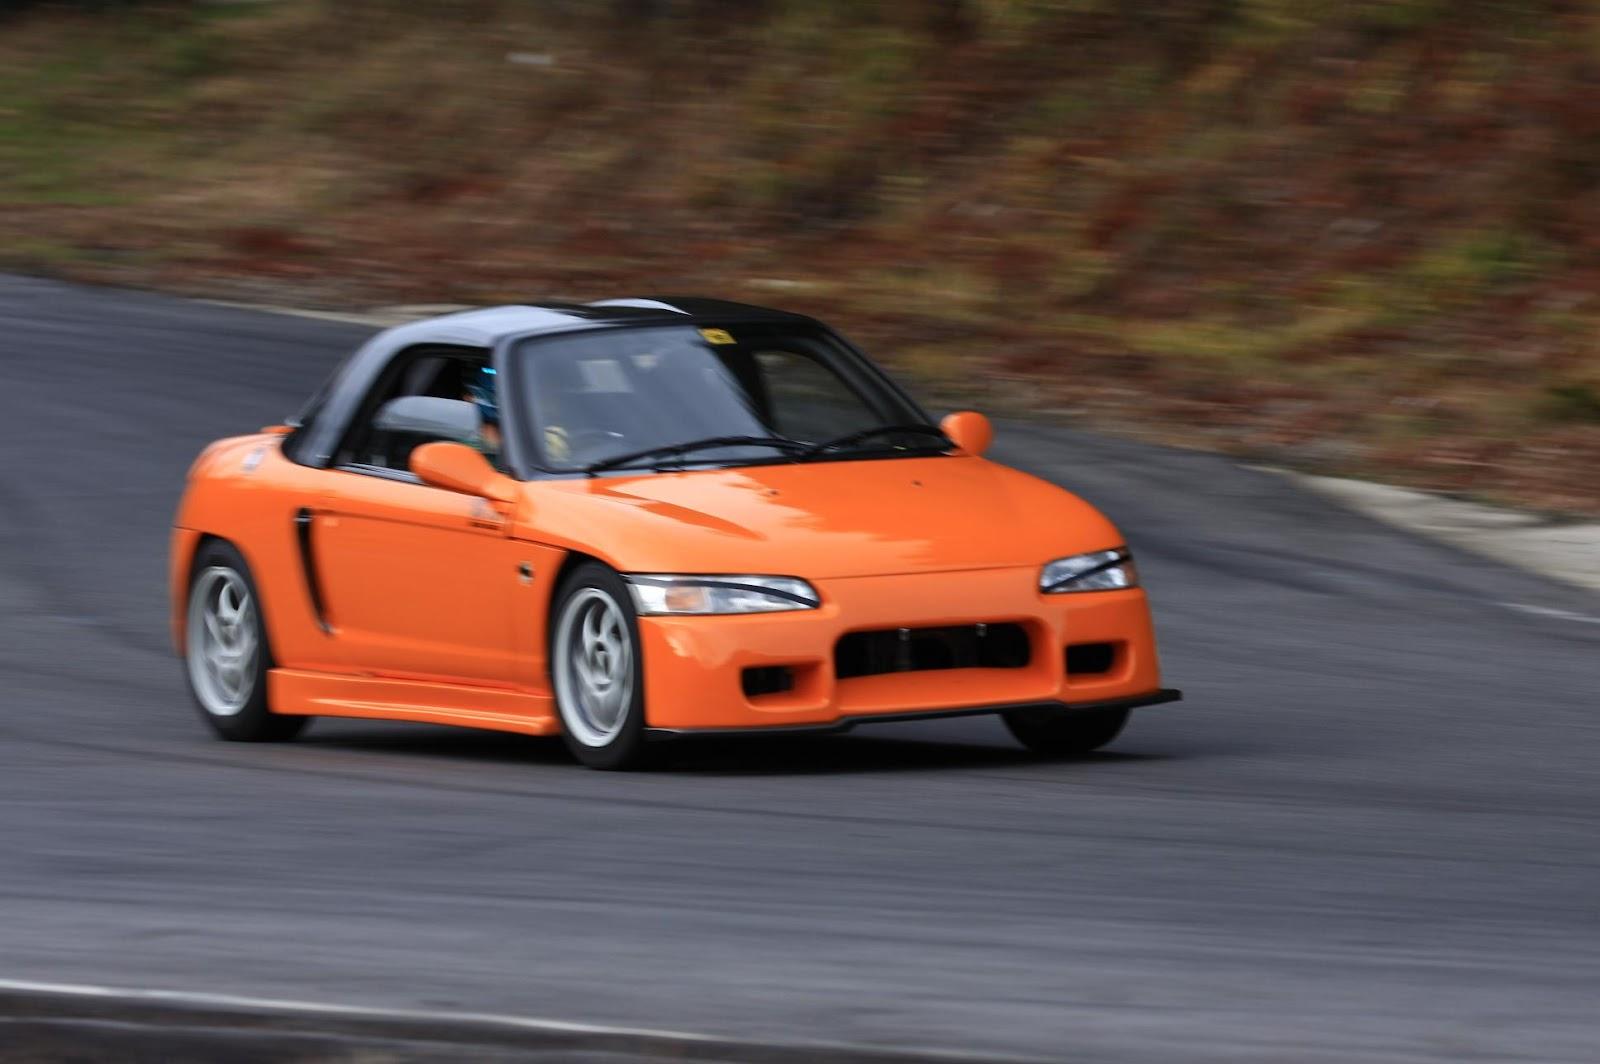 Honda Beat, kei car, roadster, małe sportowe samochody, napęd na tył, silnik 0.7, kultowe auta z lat 90